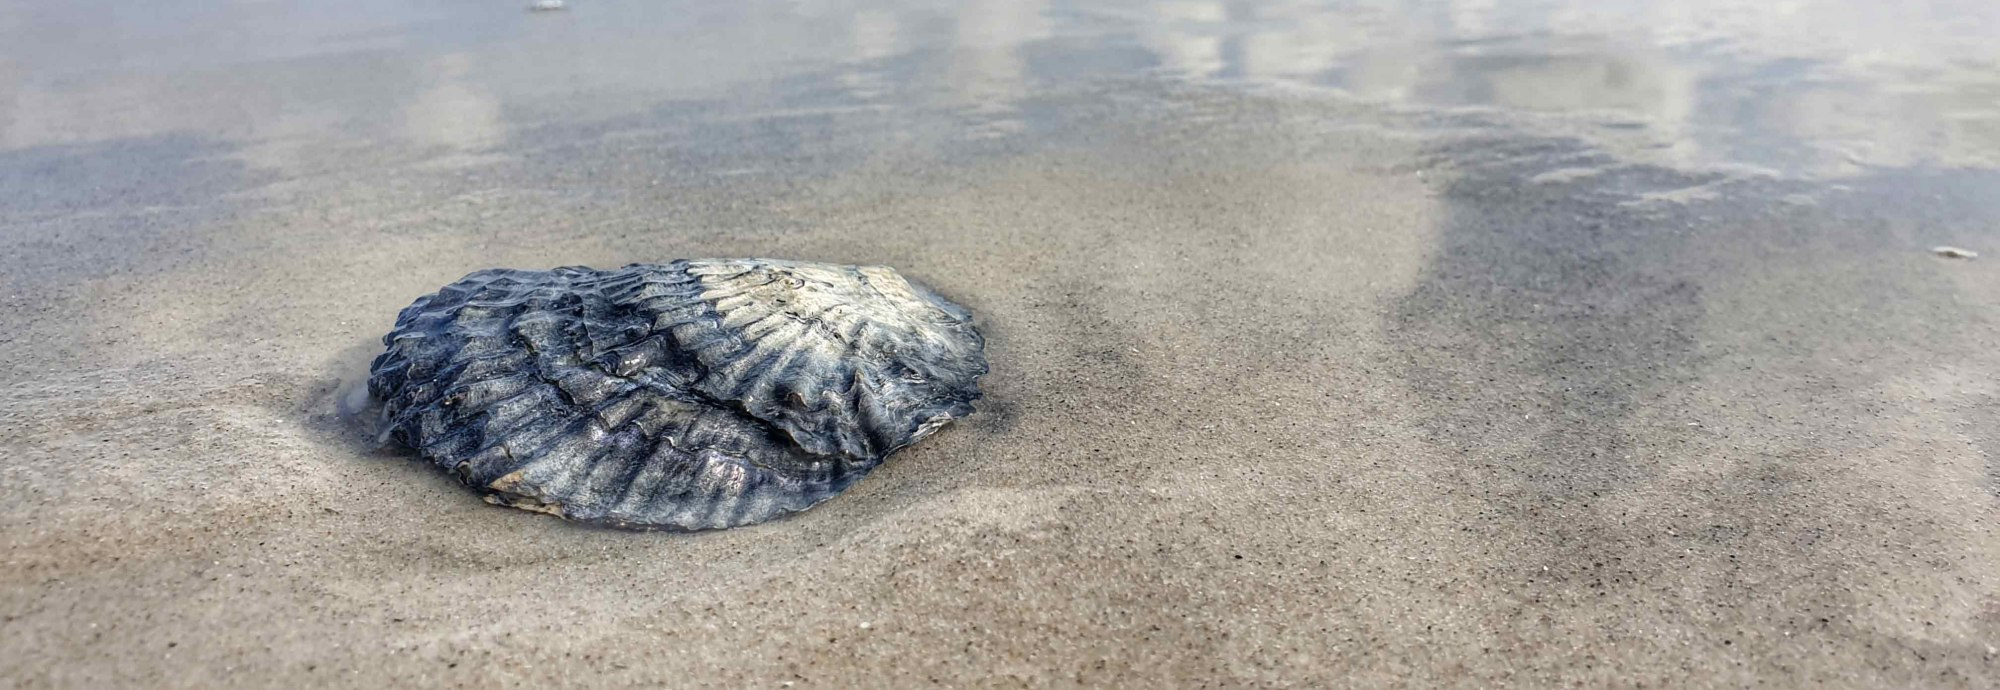 Auster am Strand von Amrum, © Stephanie Wörner